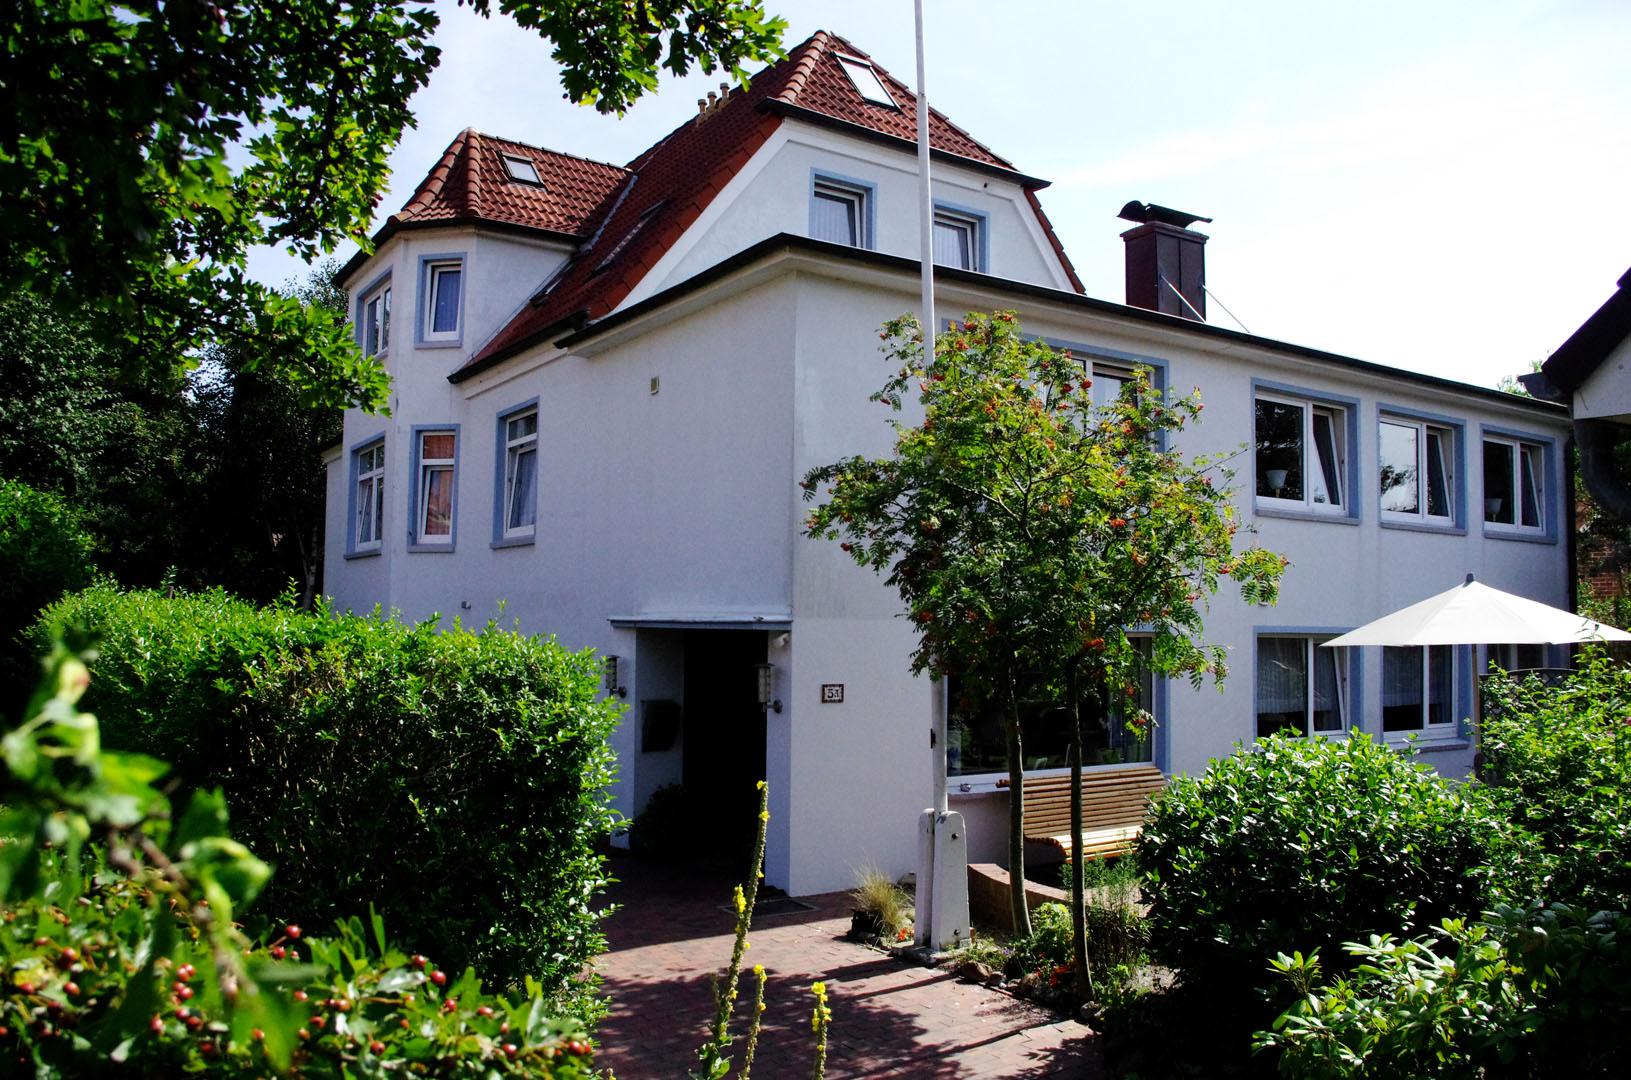 Villa_Sperlingslust_1